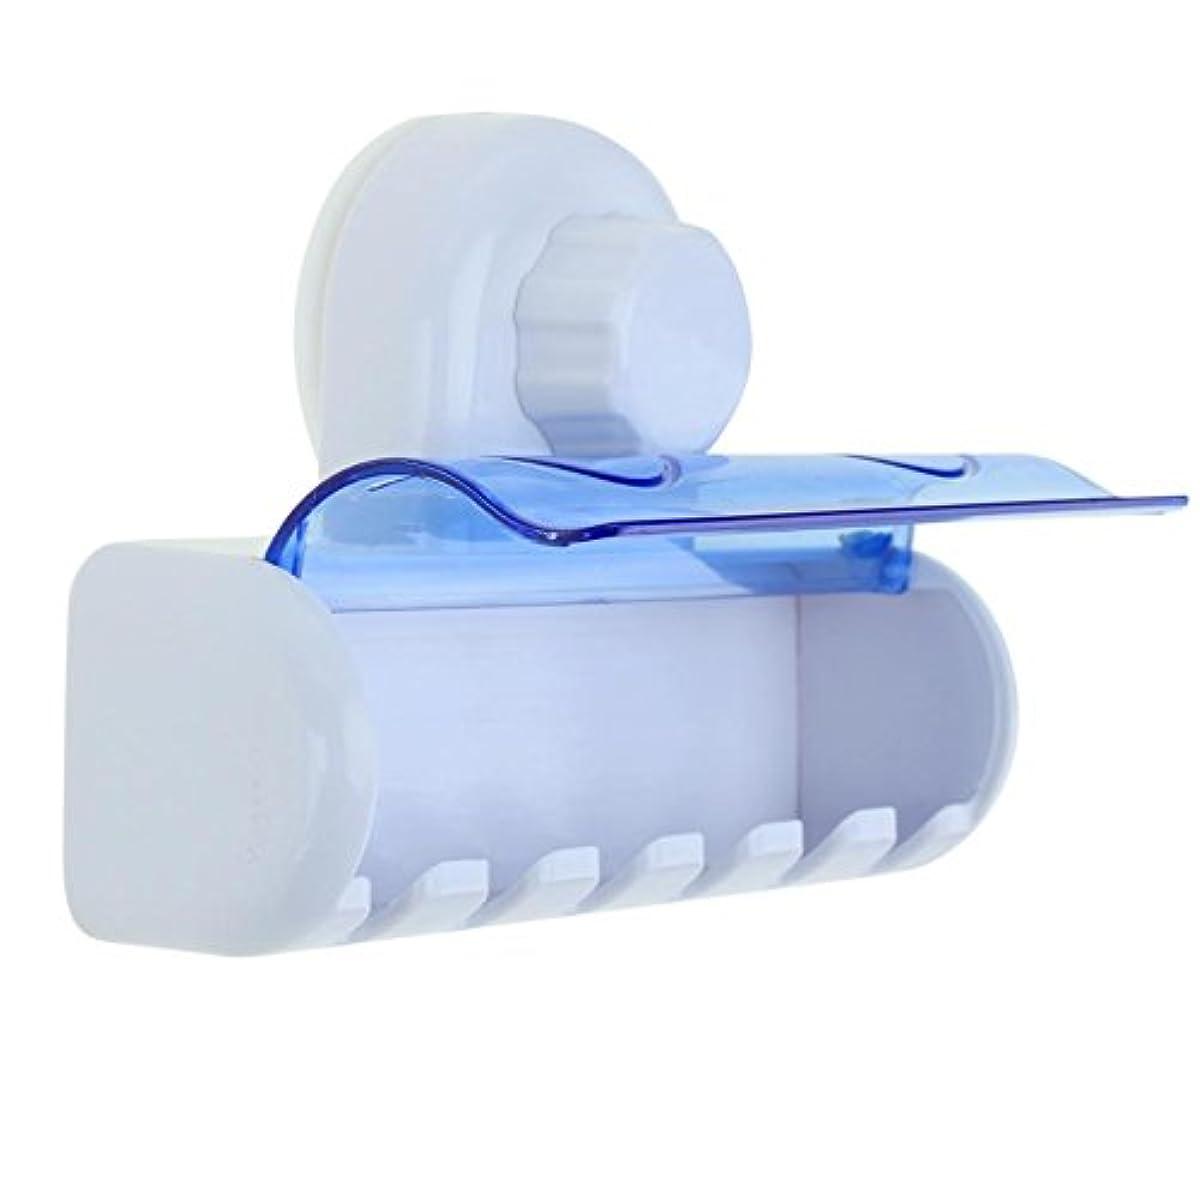 マニアック装置経済Demiawaking 強力吸盤付き ハブラシラック 歯ブラシ6本収納対応 取り付け簡単 壁掛け ハブラシホルダー